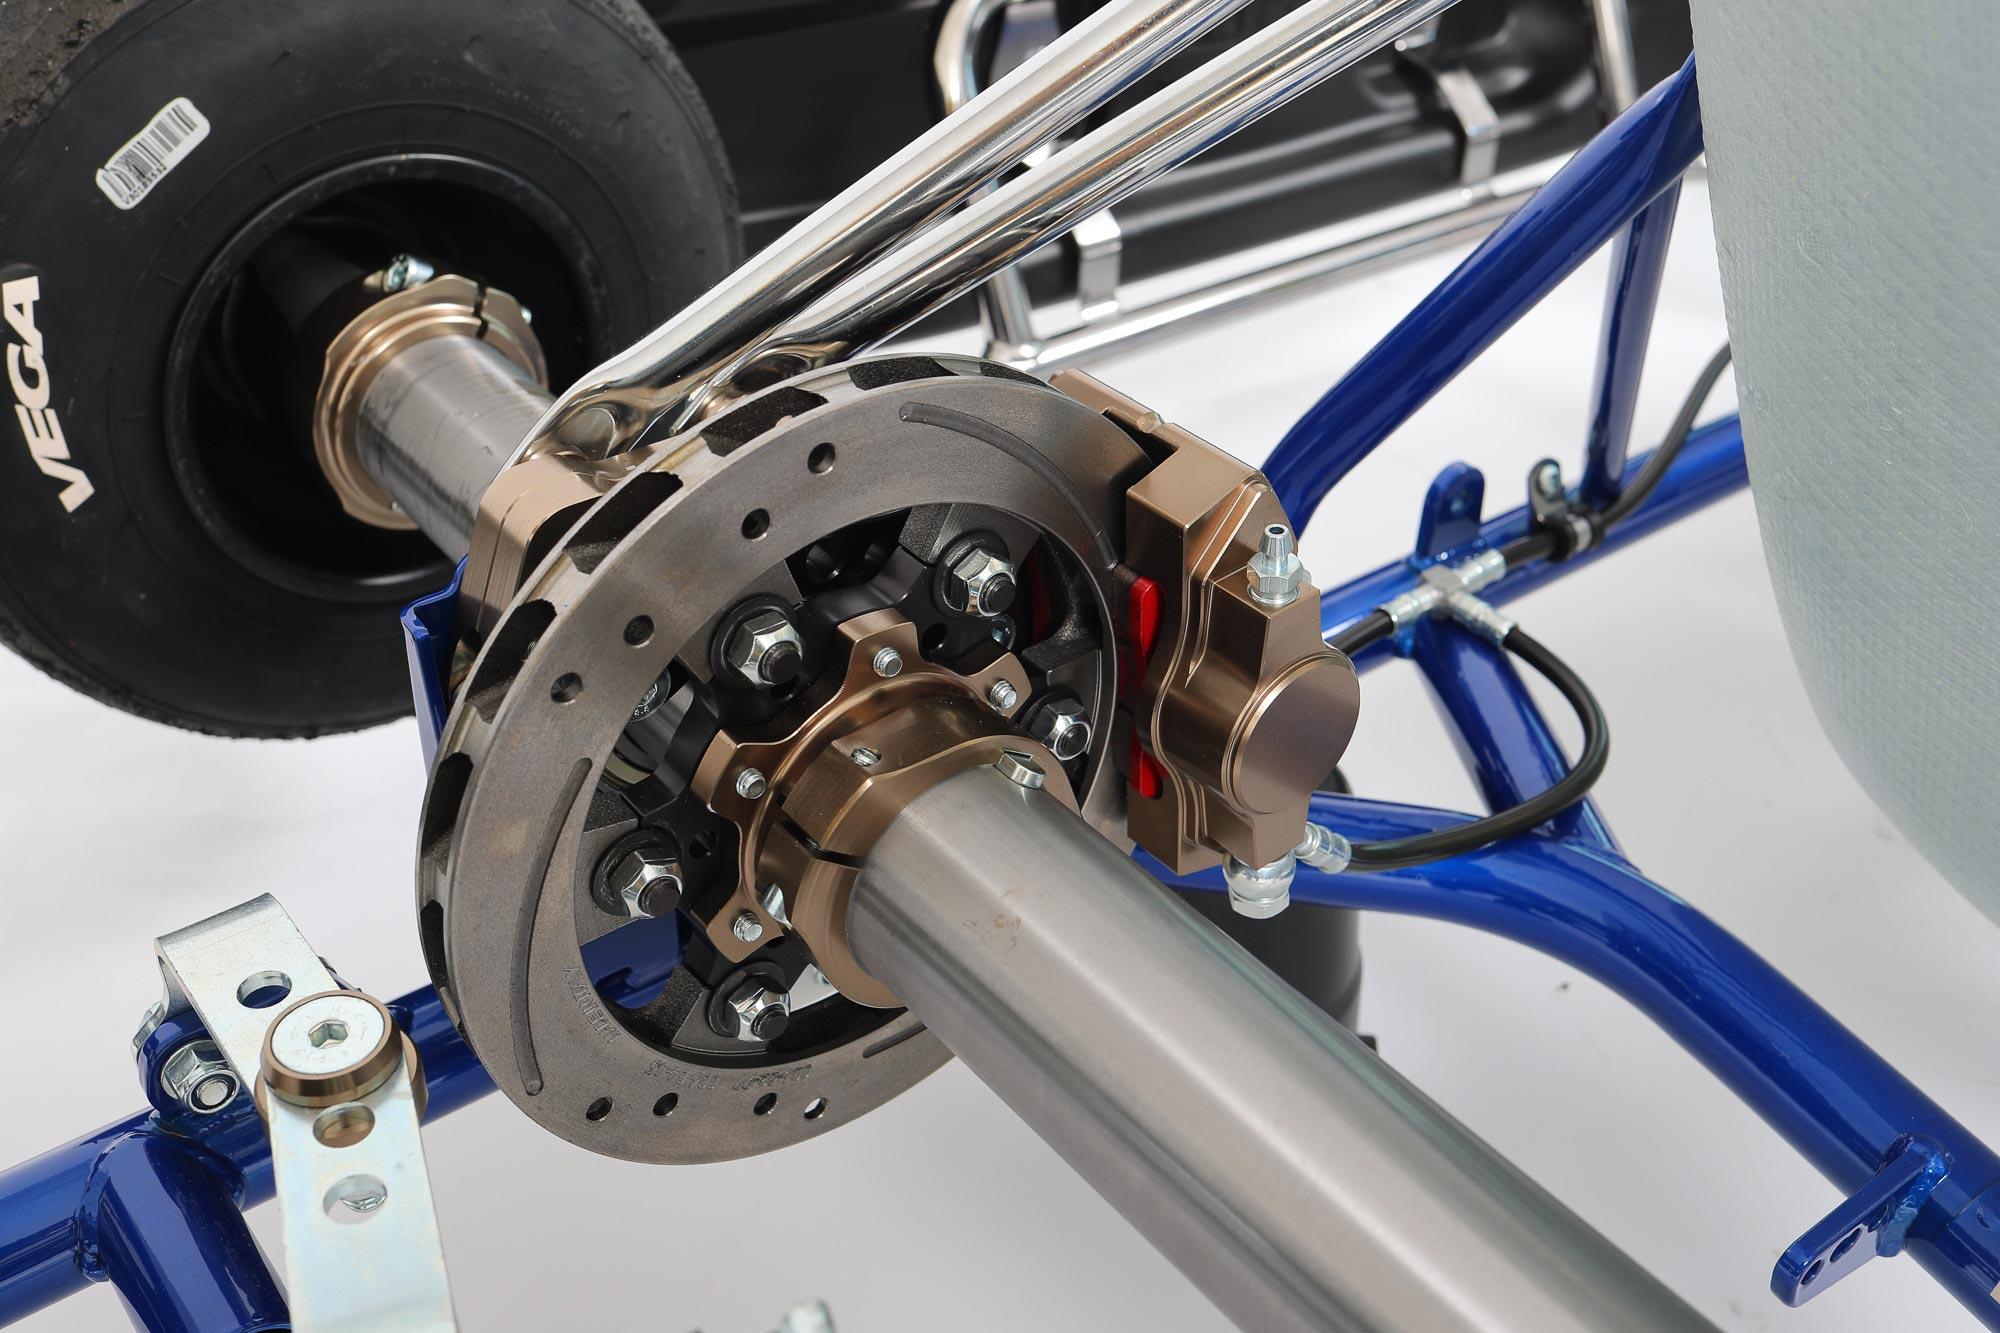 The new RBS.V2 brake system